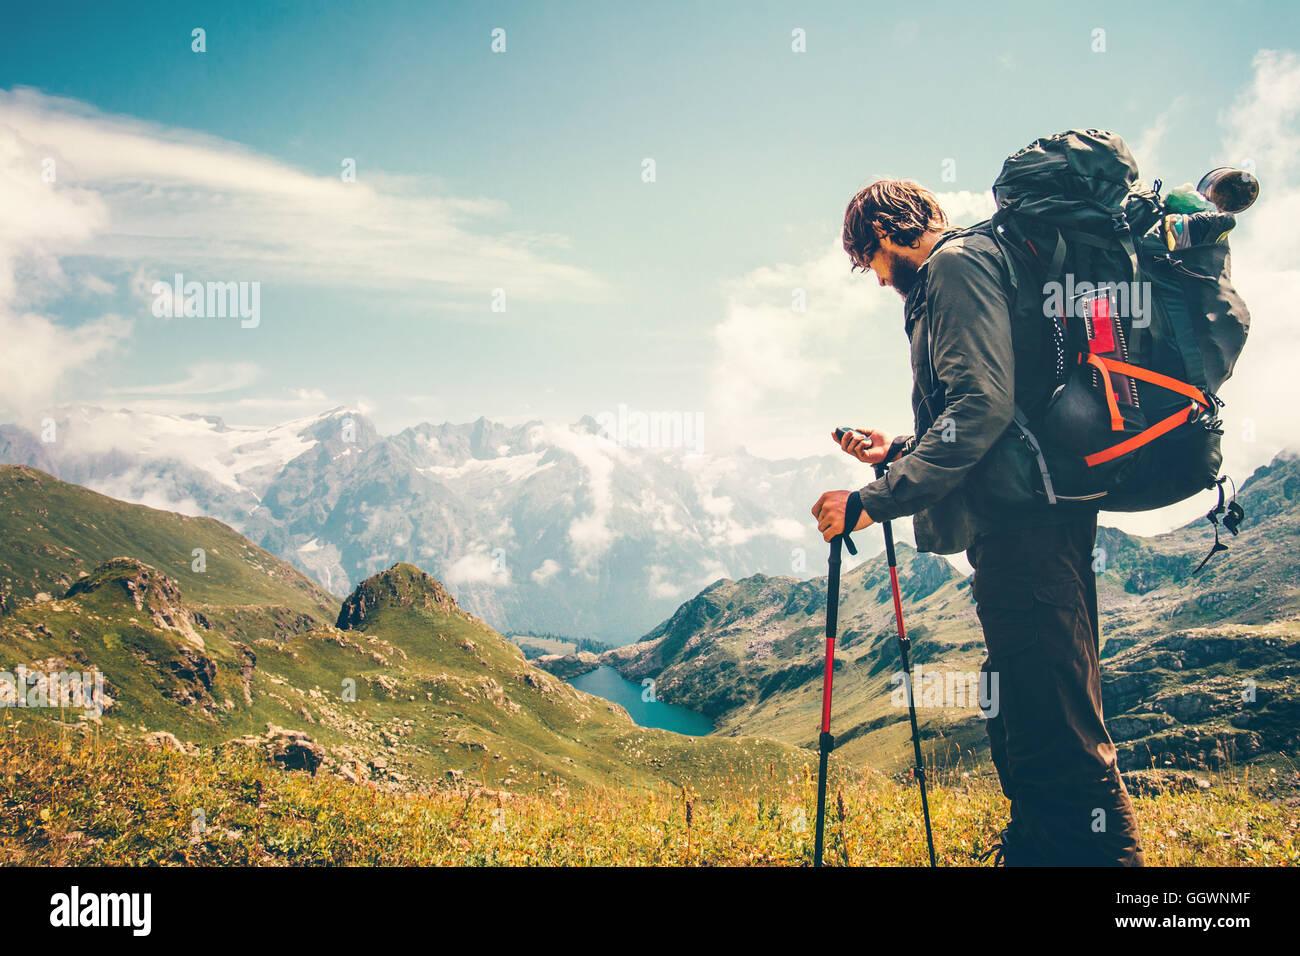 L'homme meilleur backpacker avec tracker gps navigator à coordonner vie voyage concept lac et montagne Photo Stock